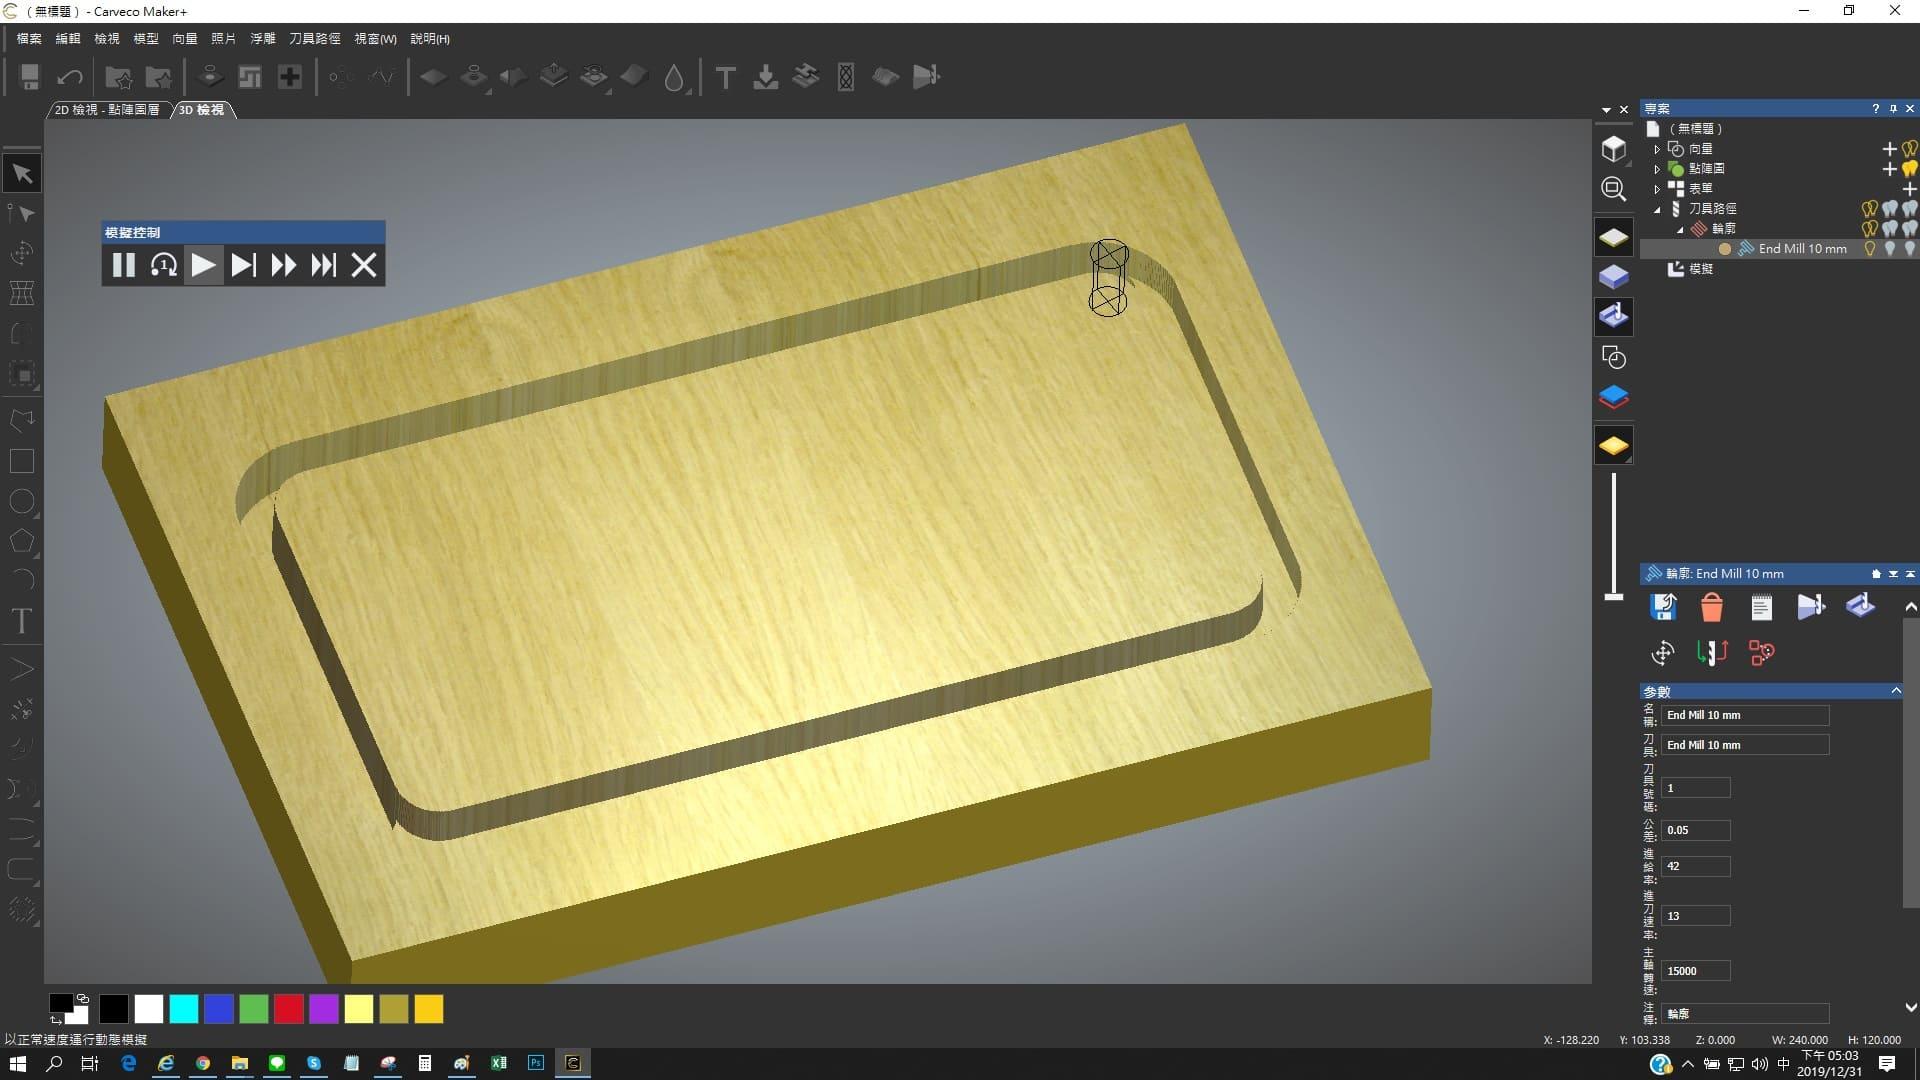 2D輪廓加工 - CARVECO